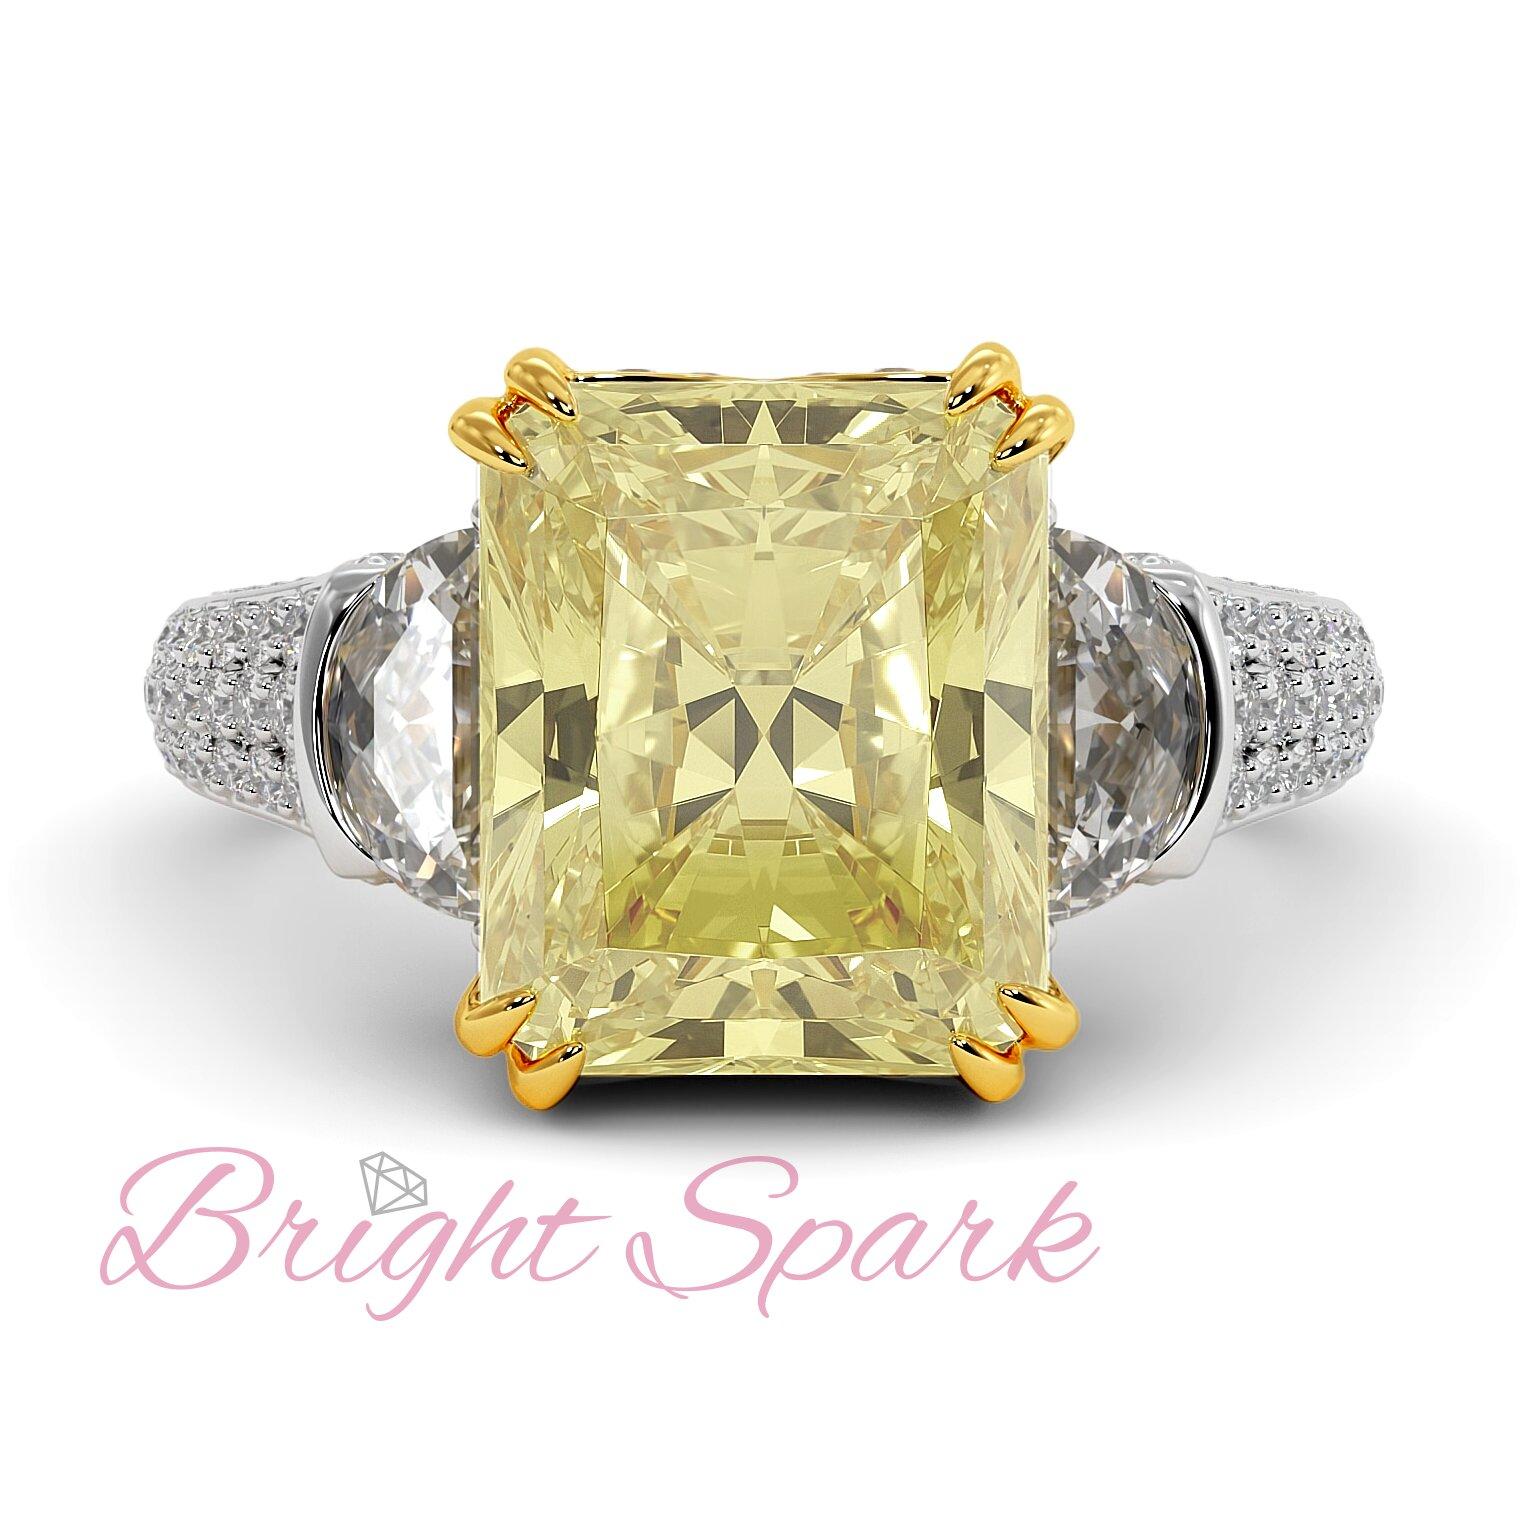 Золотое кольцо с крупным желтым муассанитом Moon 5 карат